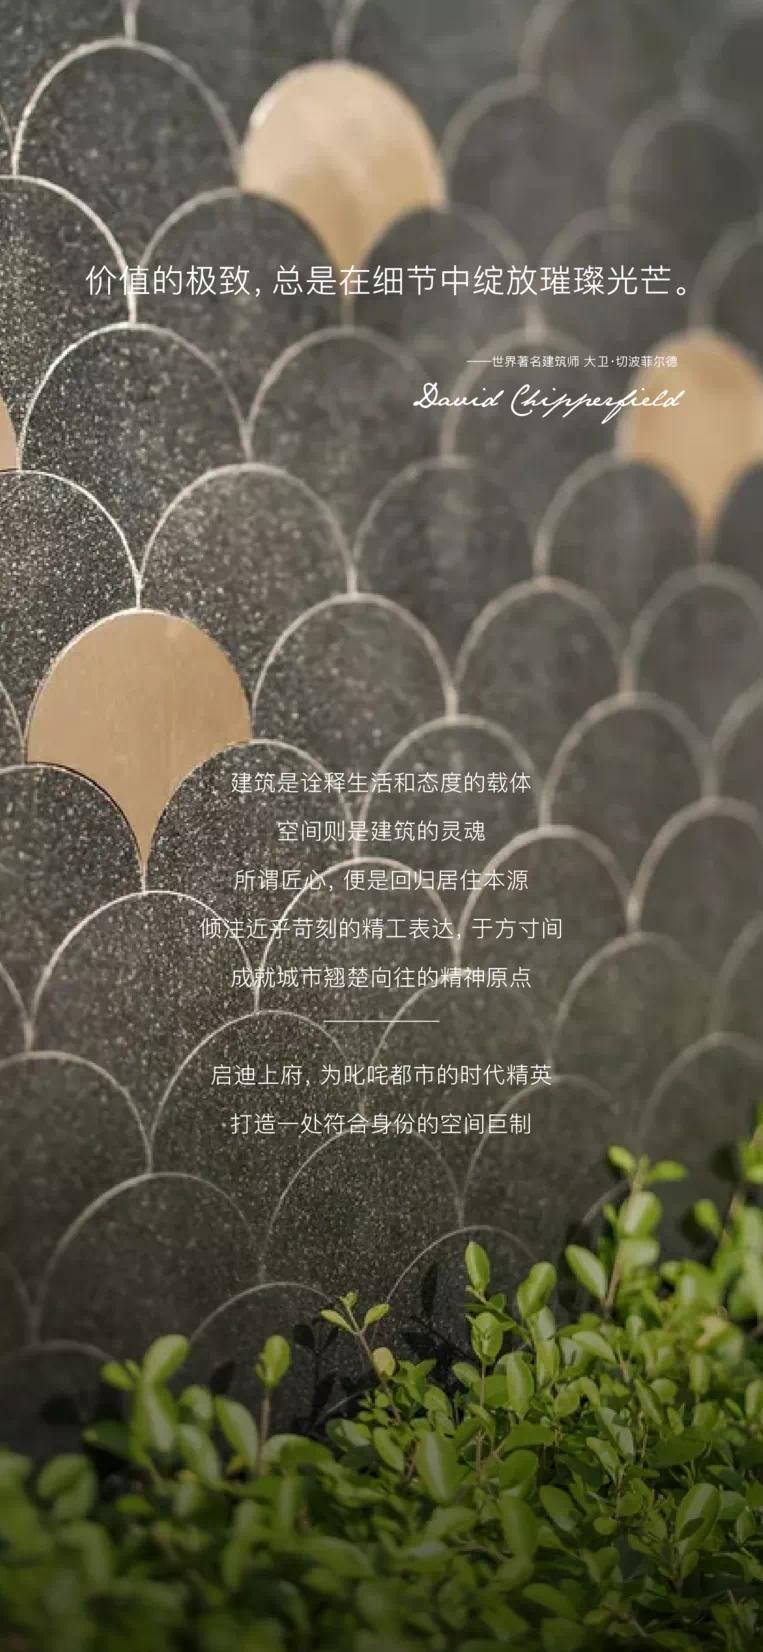 启迪上府丨四大建筑章法 诠释质感人居